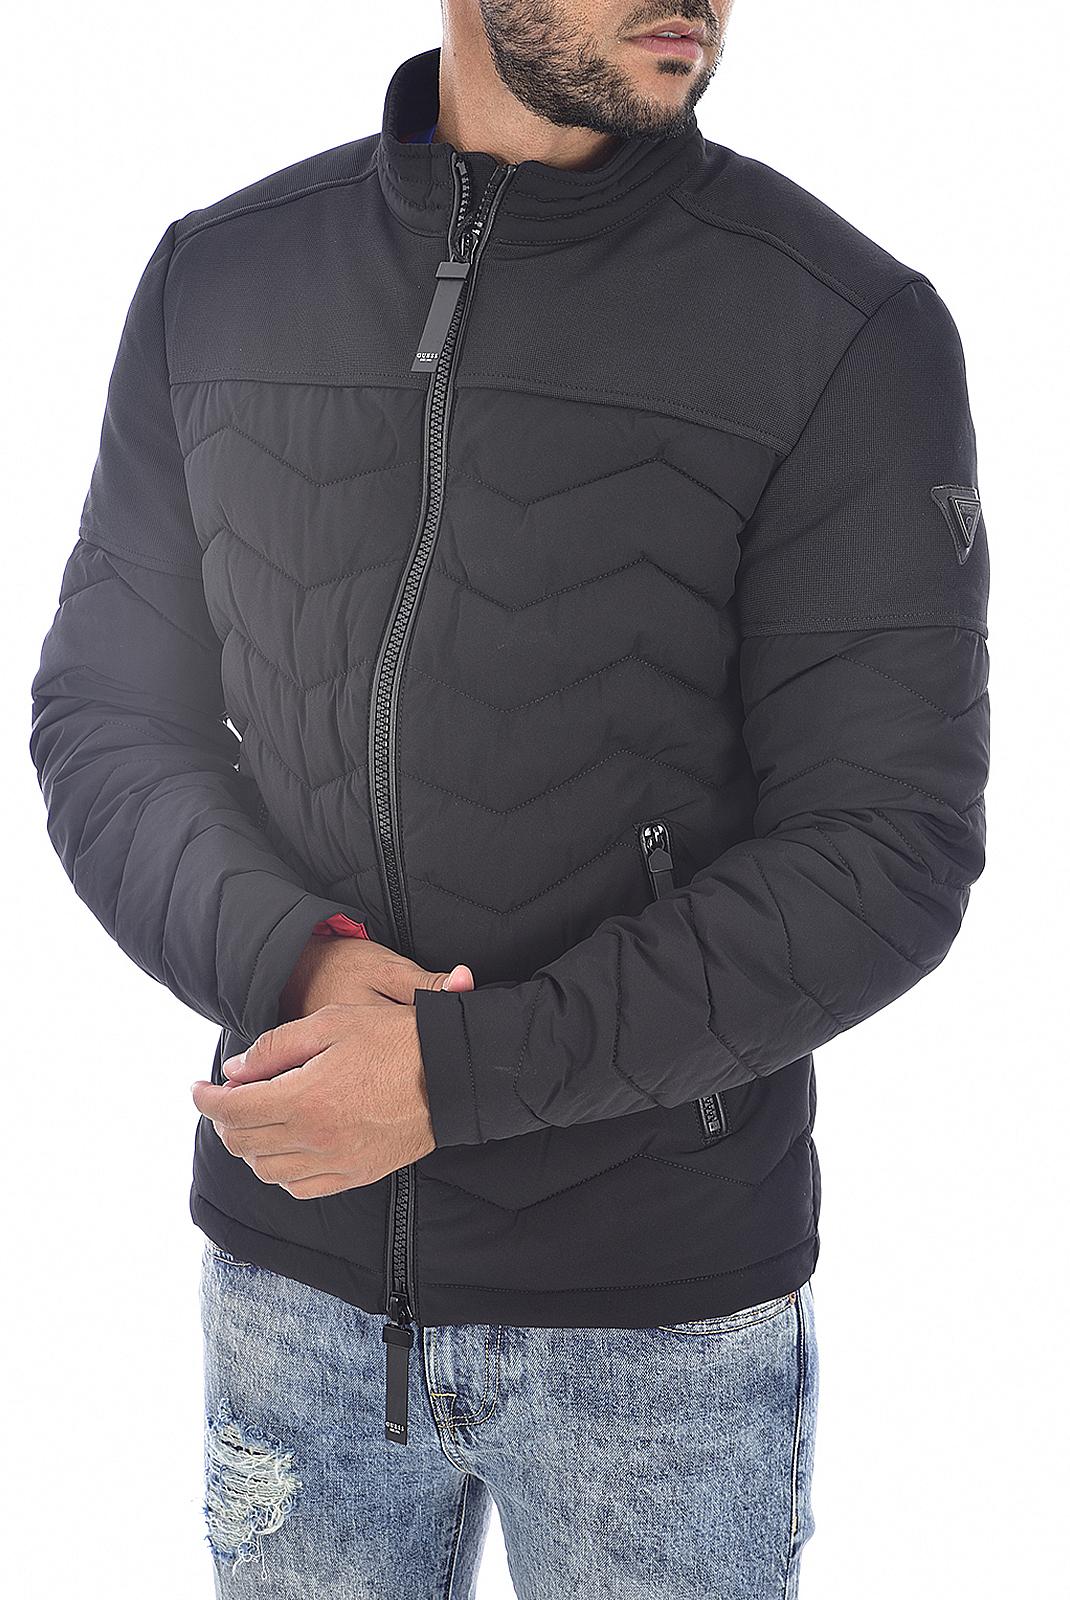 Blousons / doudounes  Guess jeans M94L49 W6NW1 Jet Black A996